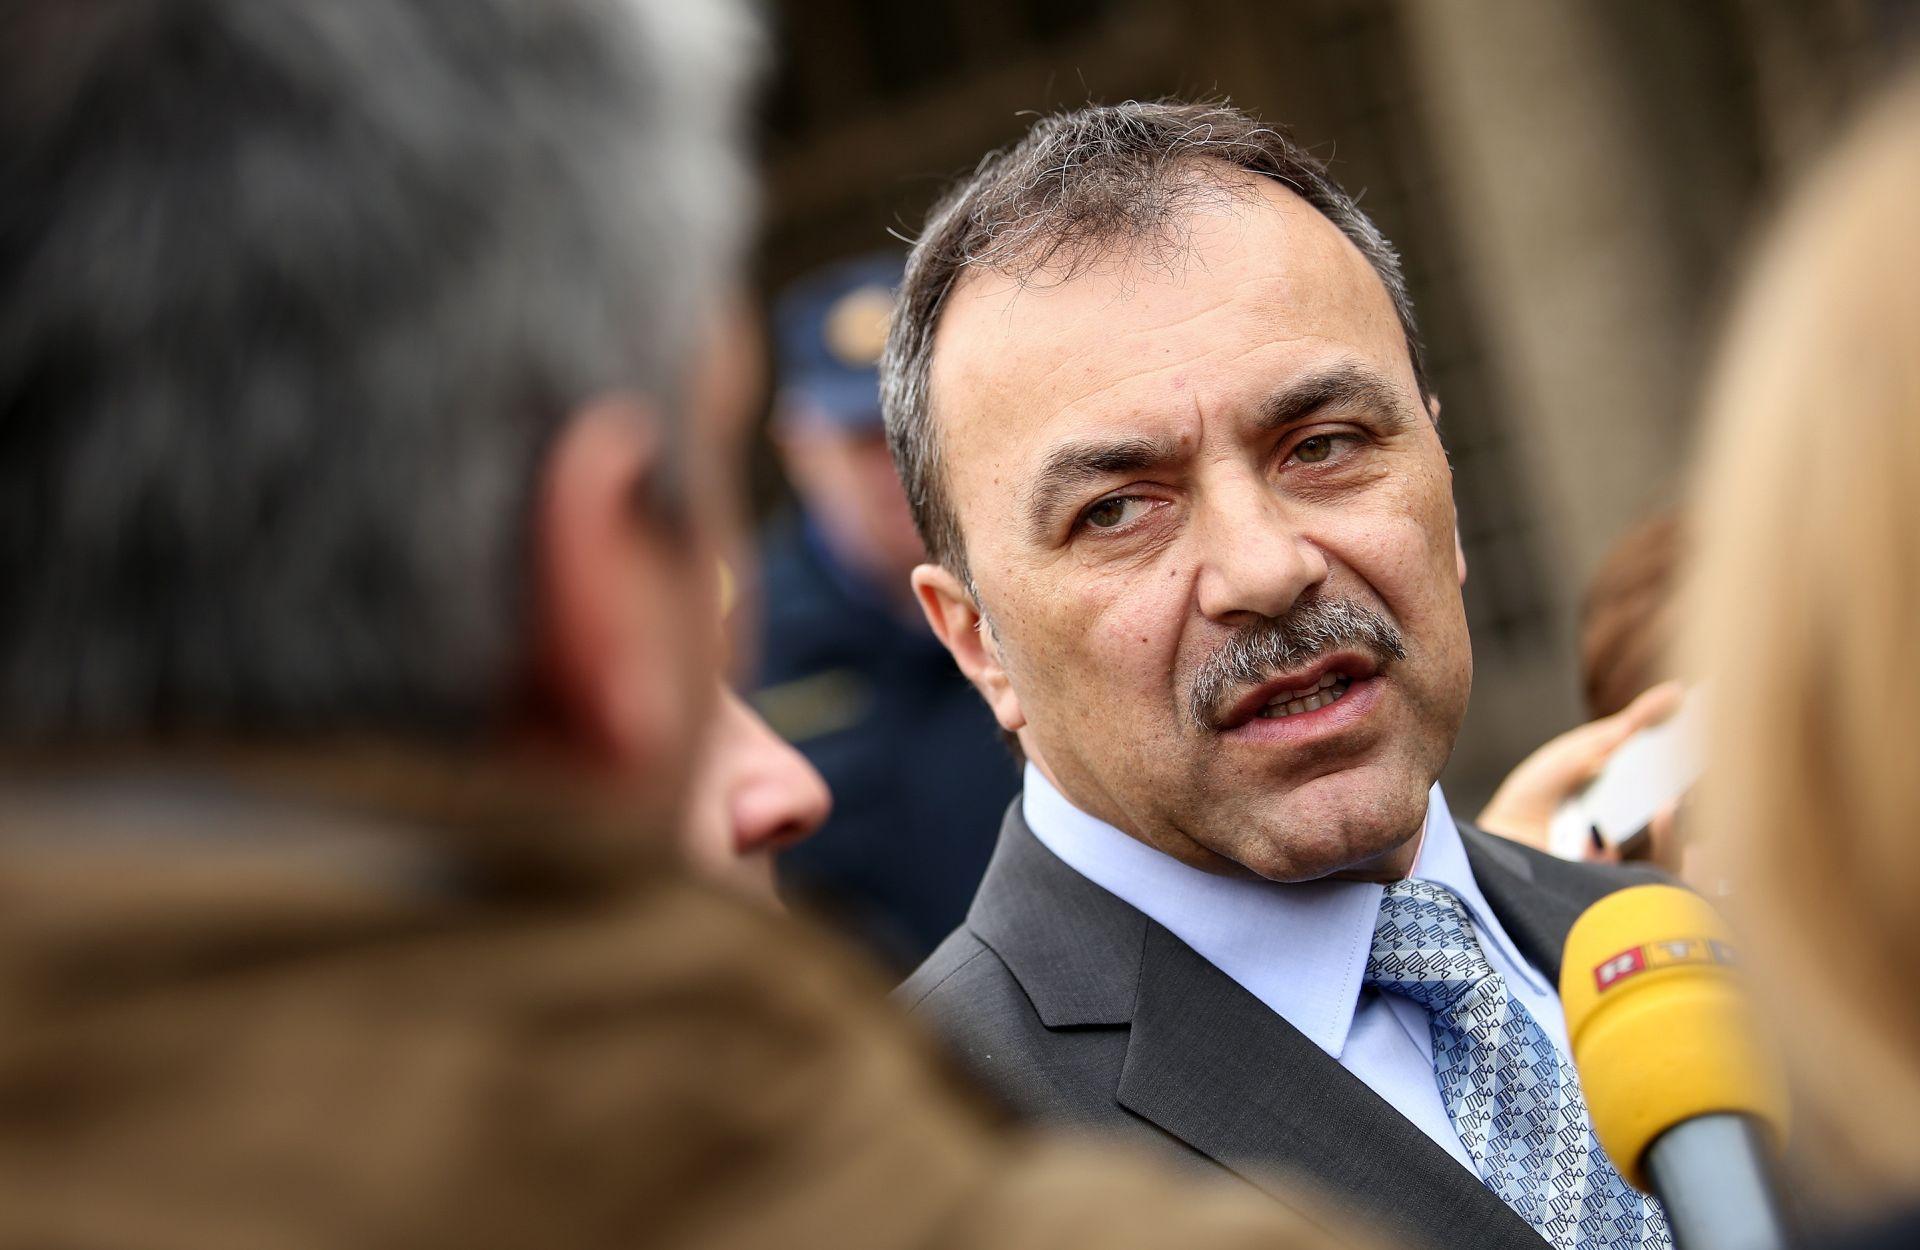 ZATVARANJE MIGRANTSKE RUTE Orepić: Uspostava Schengena nosi sa sobom posljedice